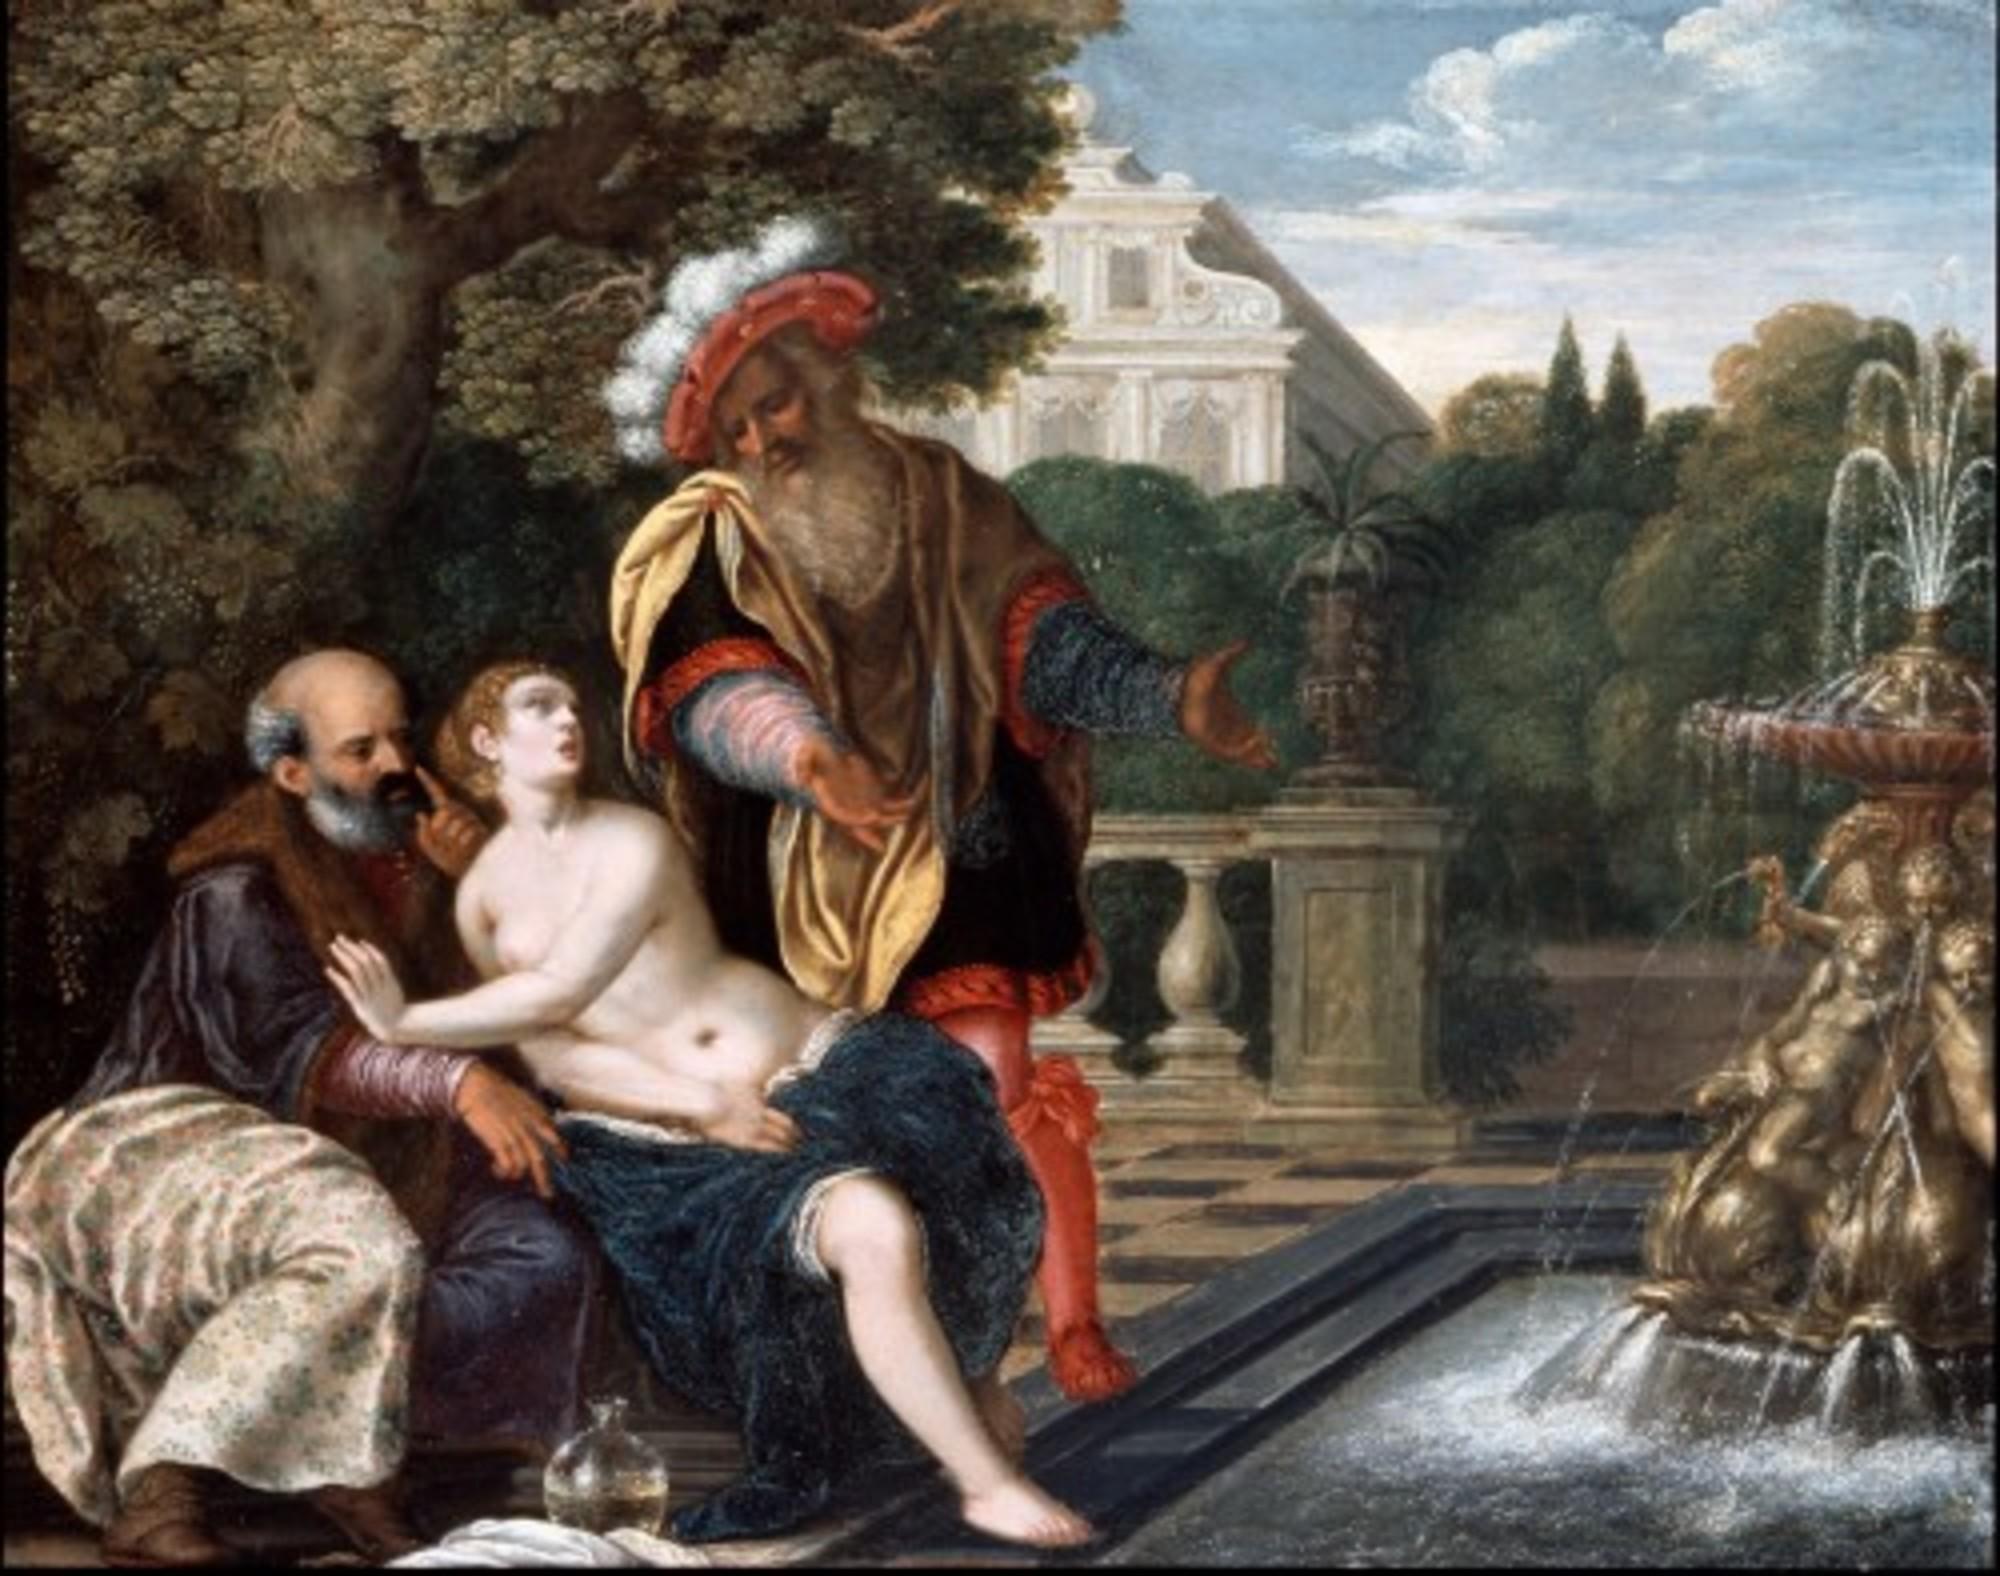 Von-Hagelstein-Thomann-Jacob-Ernst---Susanna-and-the-Elders---Google-Art-Project.jpg